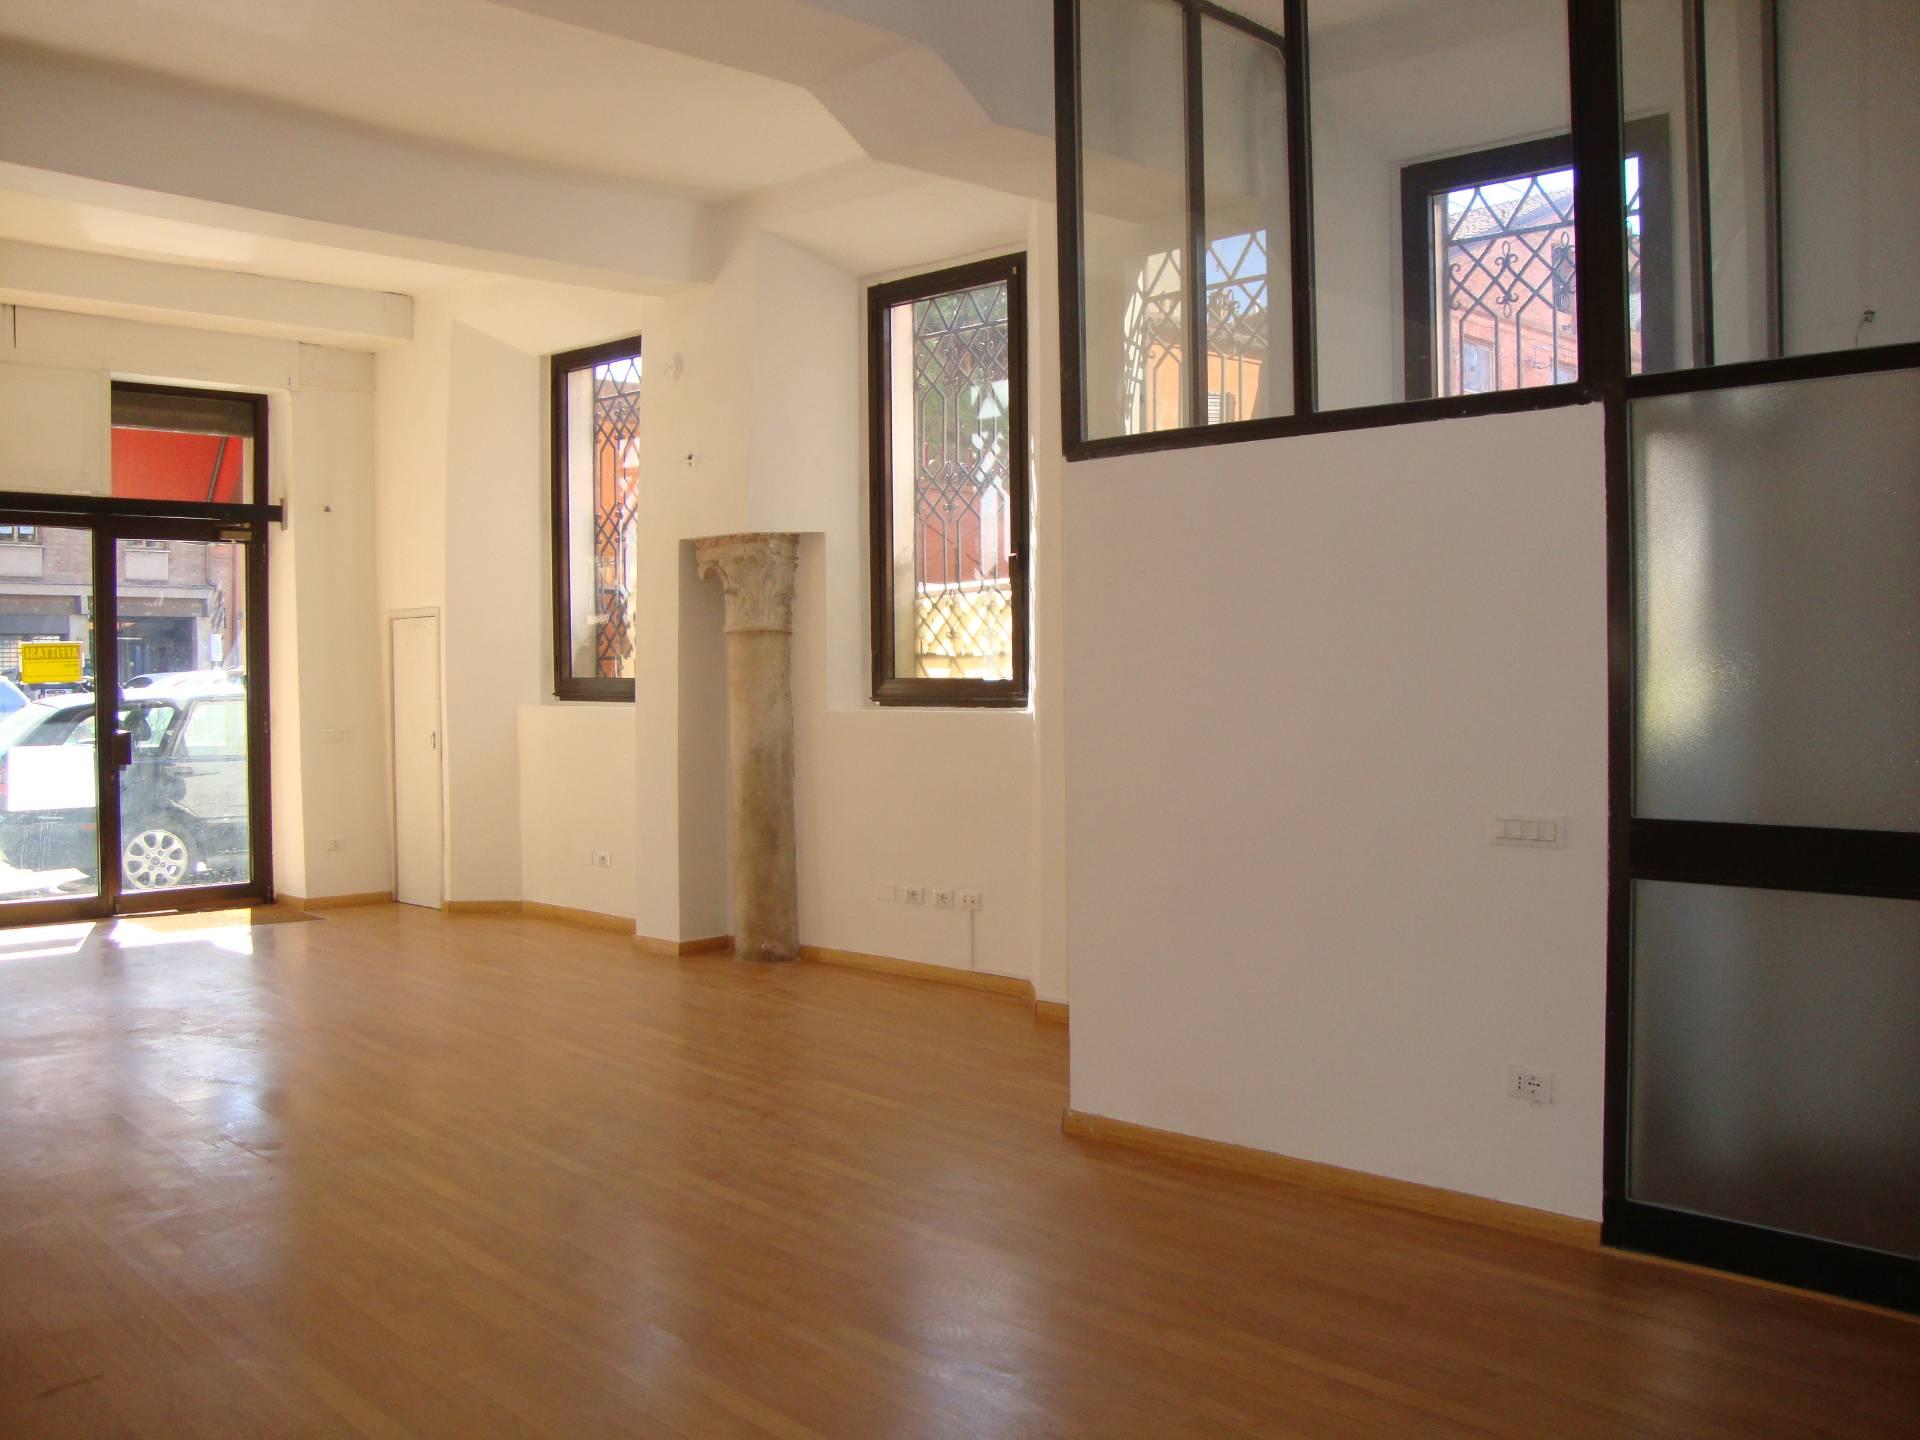 Negozio / Locale in affitto a Ferrara, 9999 locali, zona Località: Centrostorico, prezzo € 750 | Cambio Casa.it